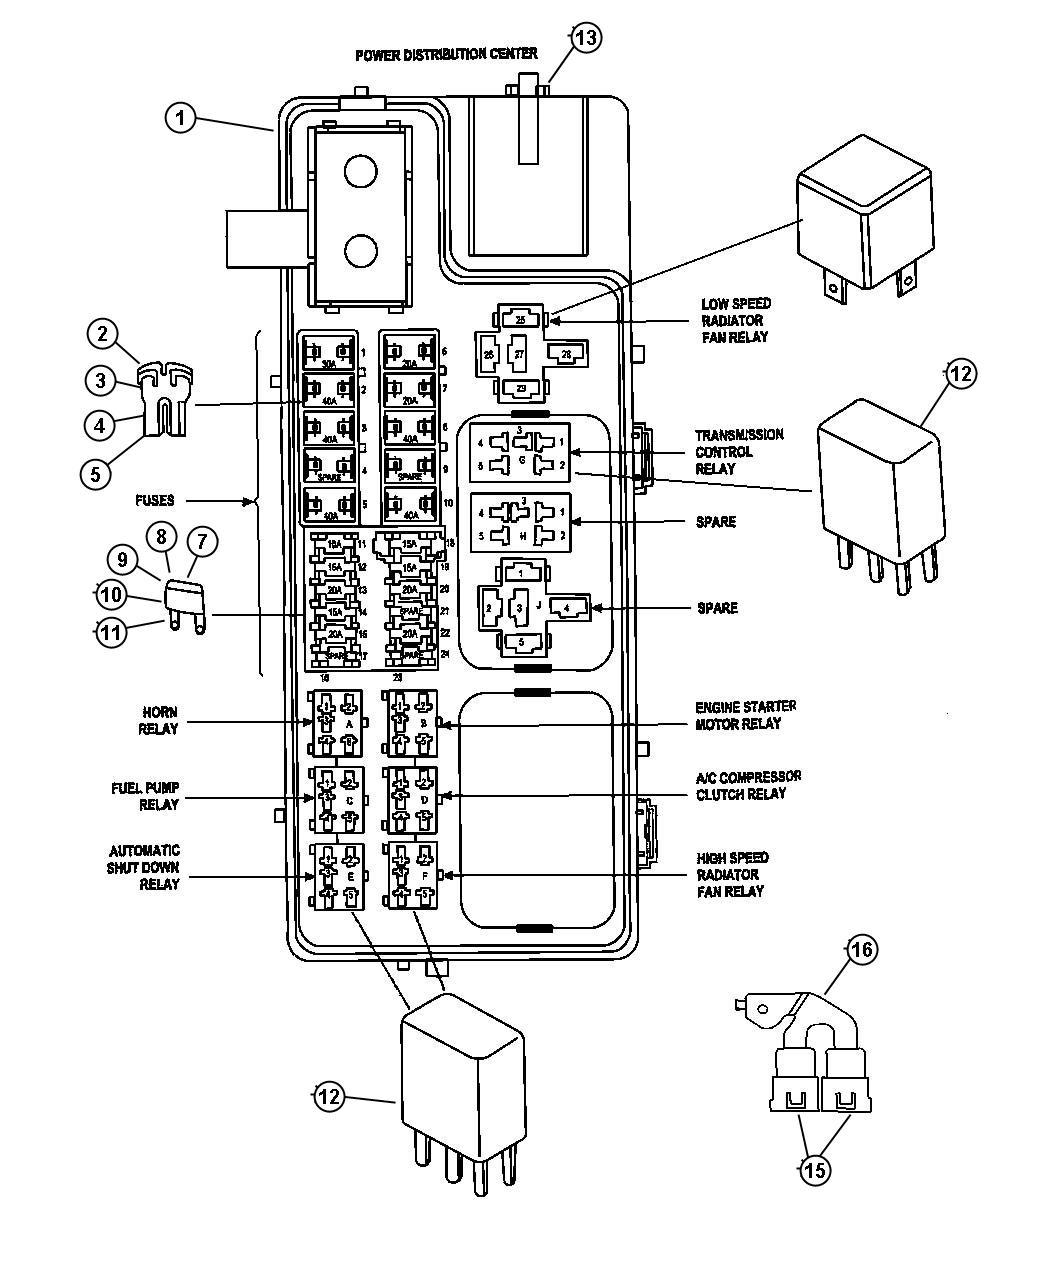 Chrysler Pt Cruiser Relay Mini Radiator Fan